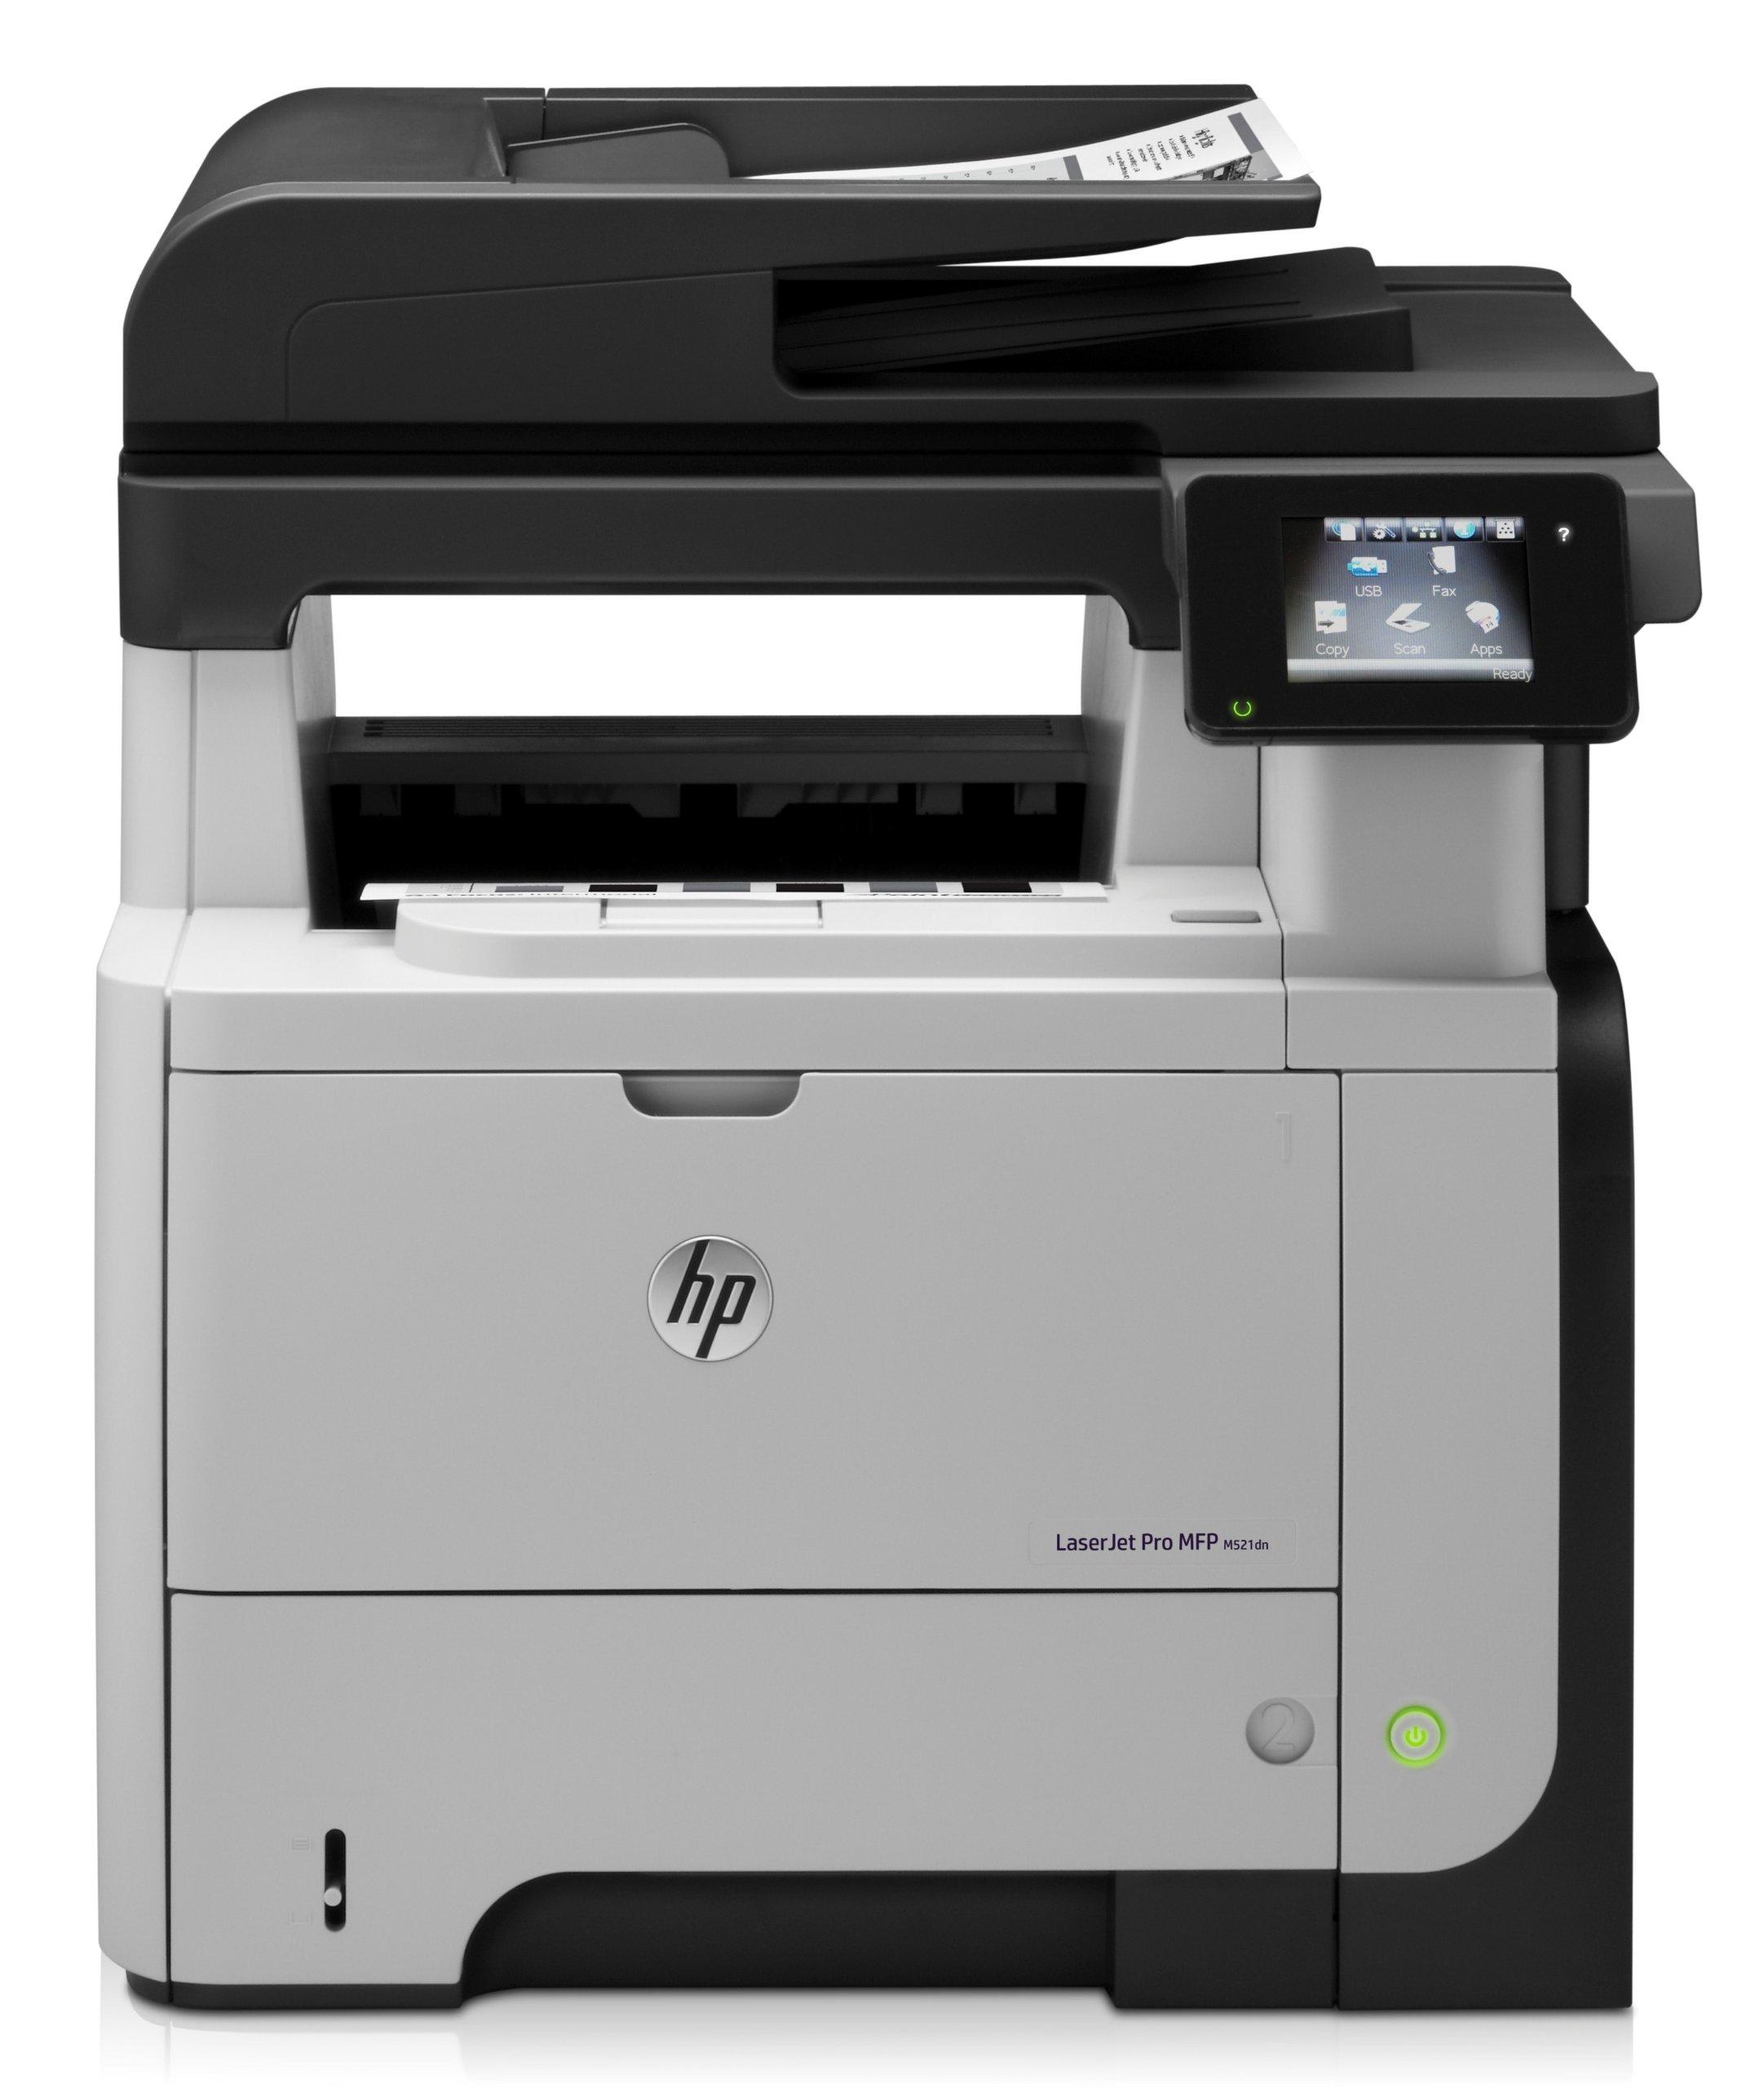 HP LaserJet Pro MFP M521dn Printer, (A8P79A)